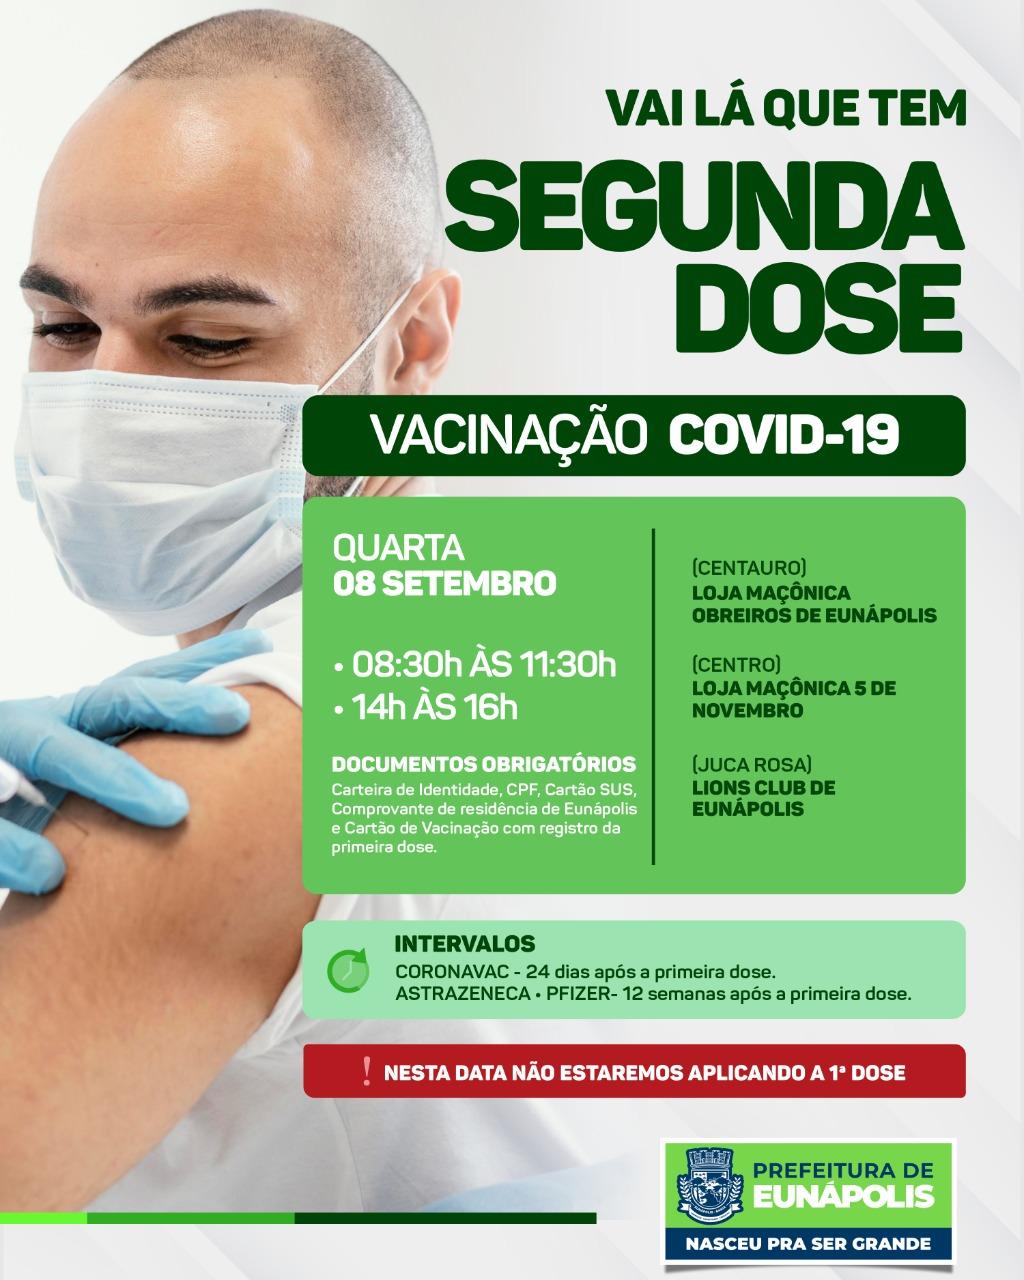 Vacinação contra a Covid-19: apenas segunda dose será aplicada nesta quarta-feira 18